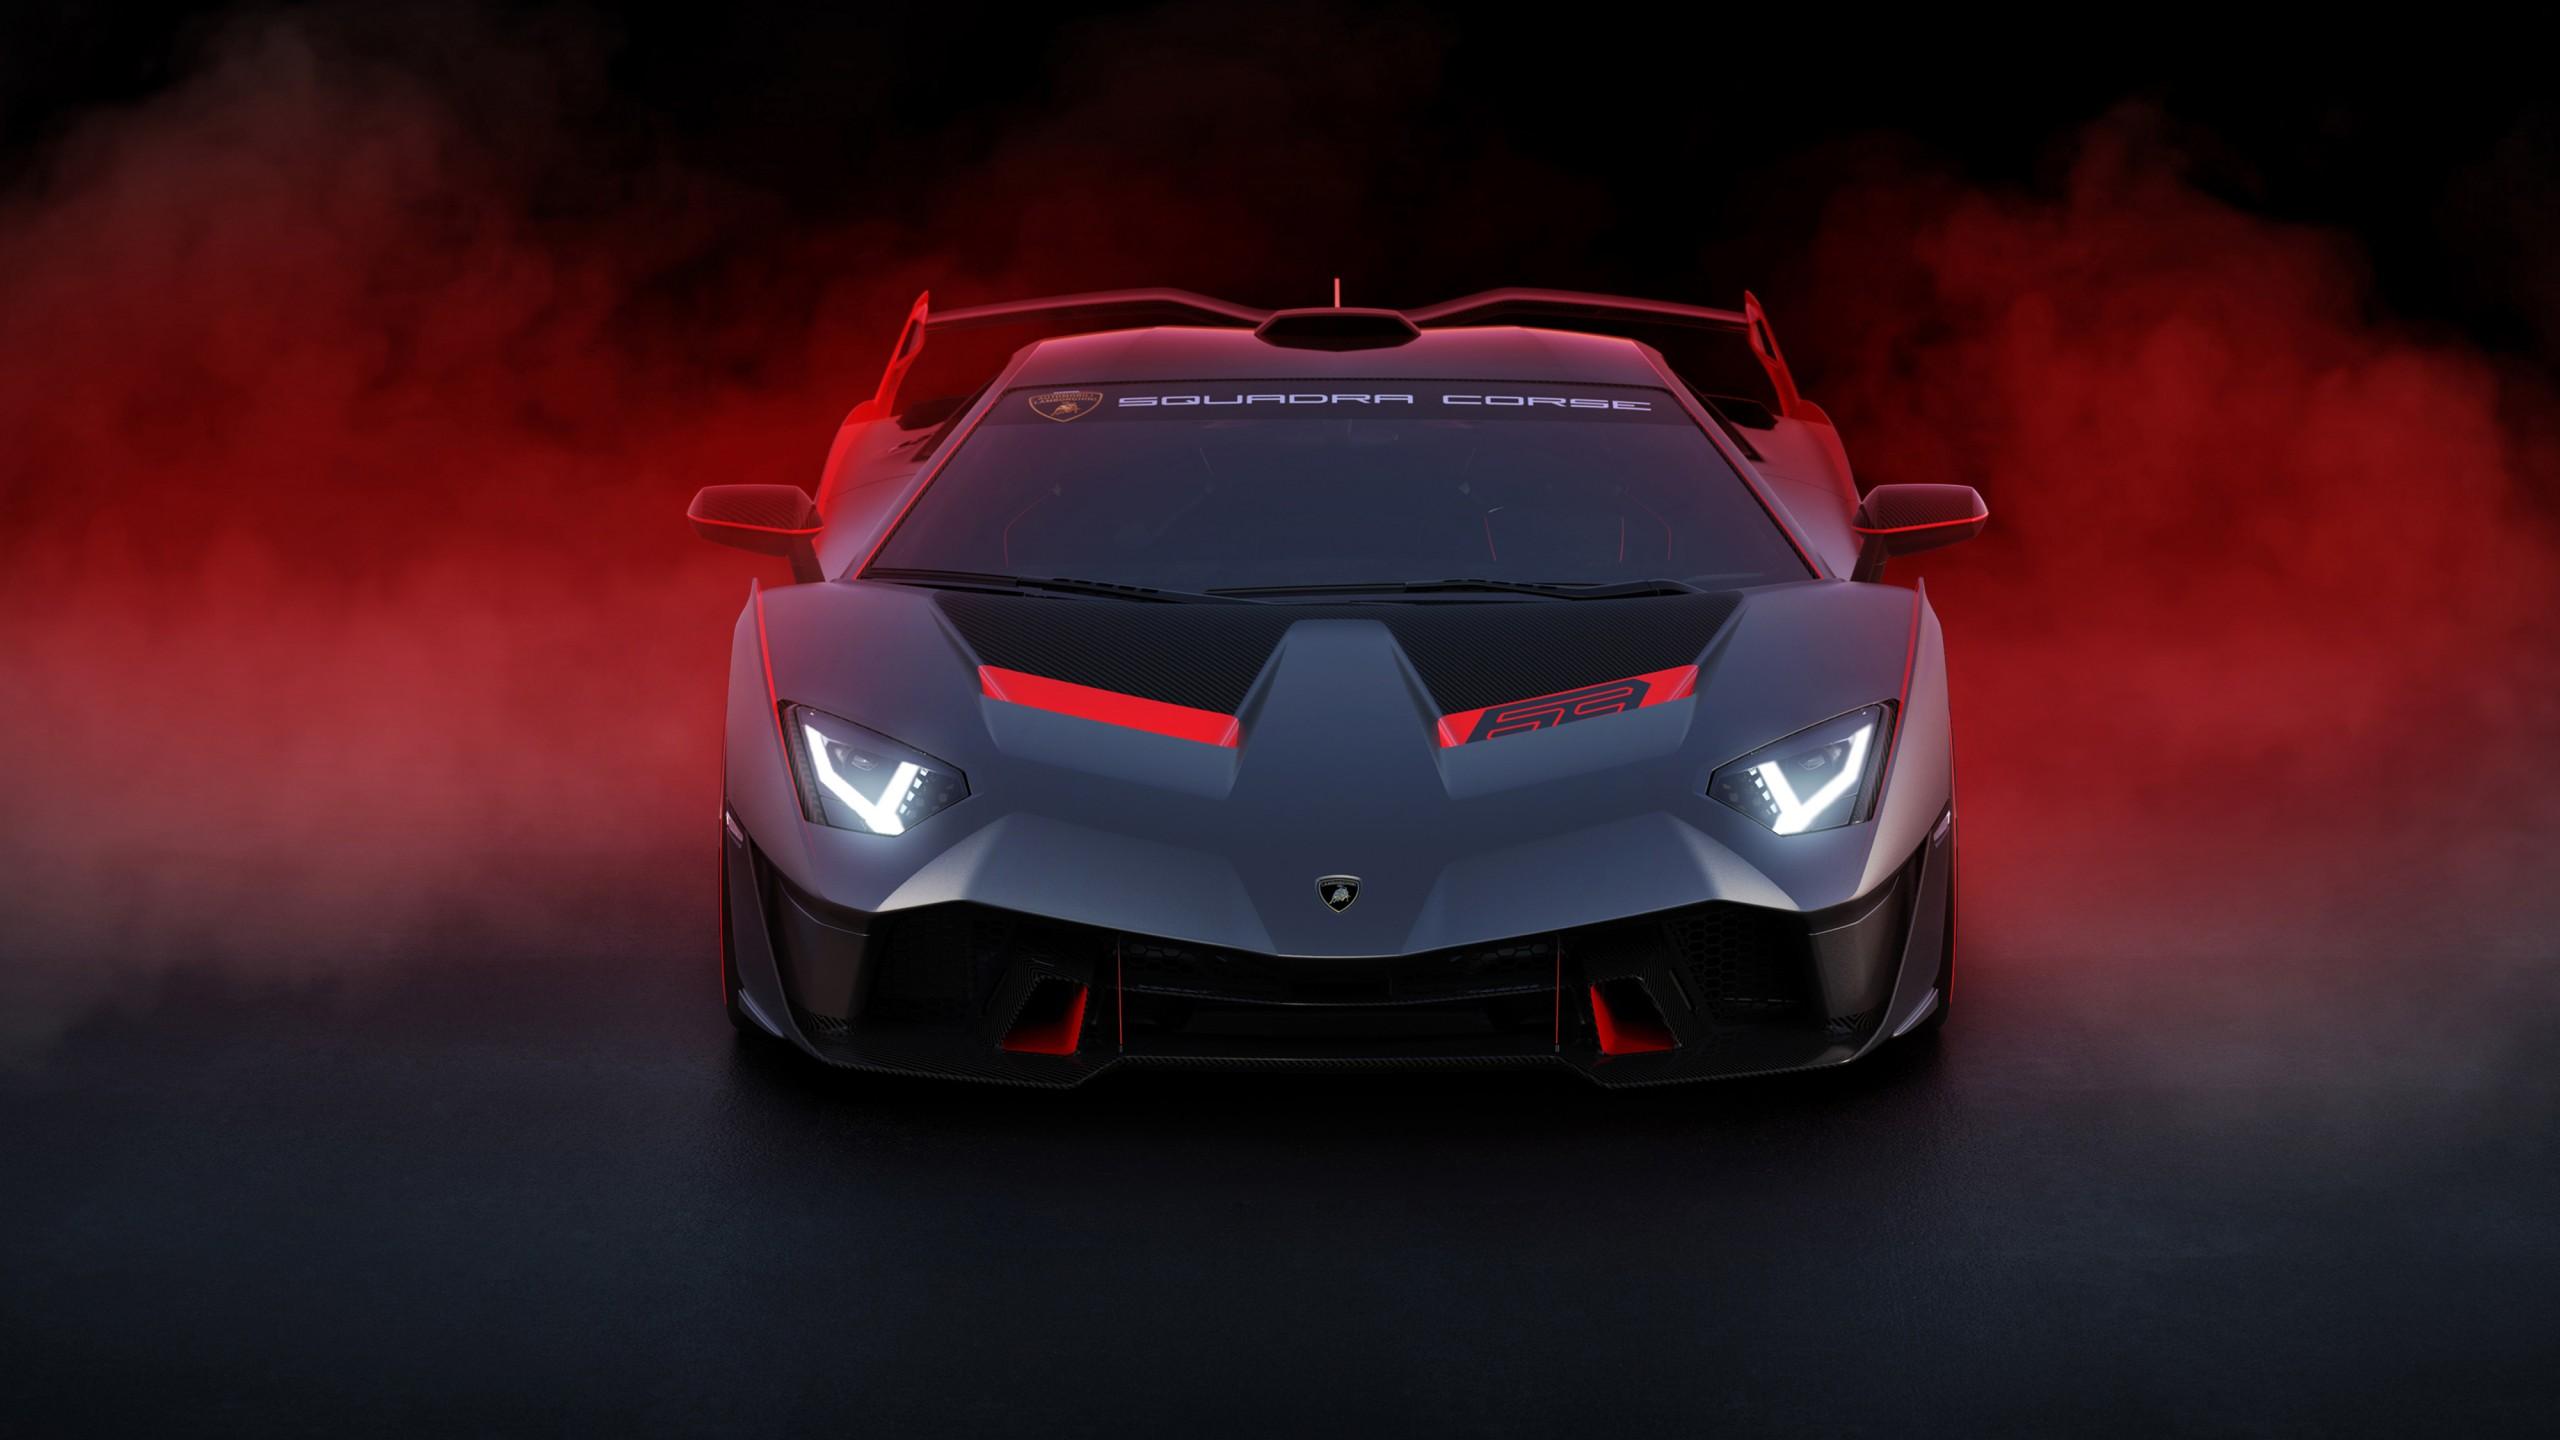 Lamborghini sc18 2019 4k 7 wallpaper hd car wallpapers - Car racing wallpaper free download ...